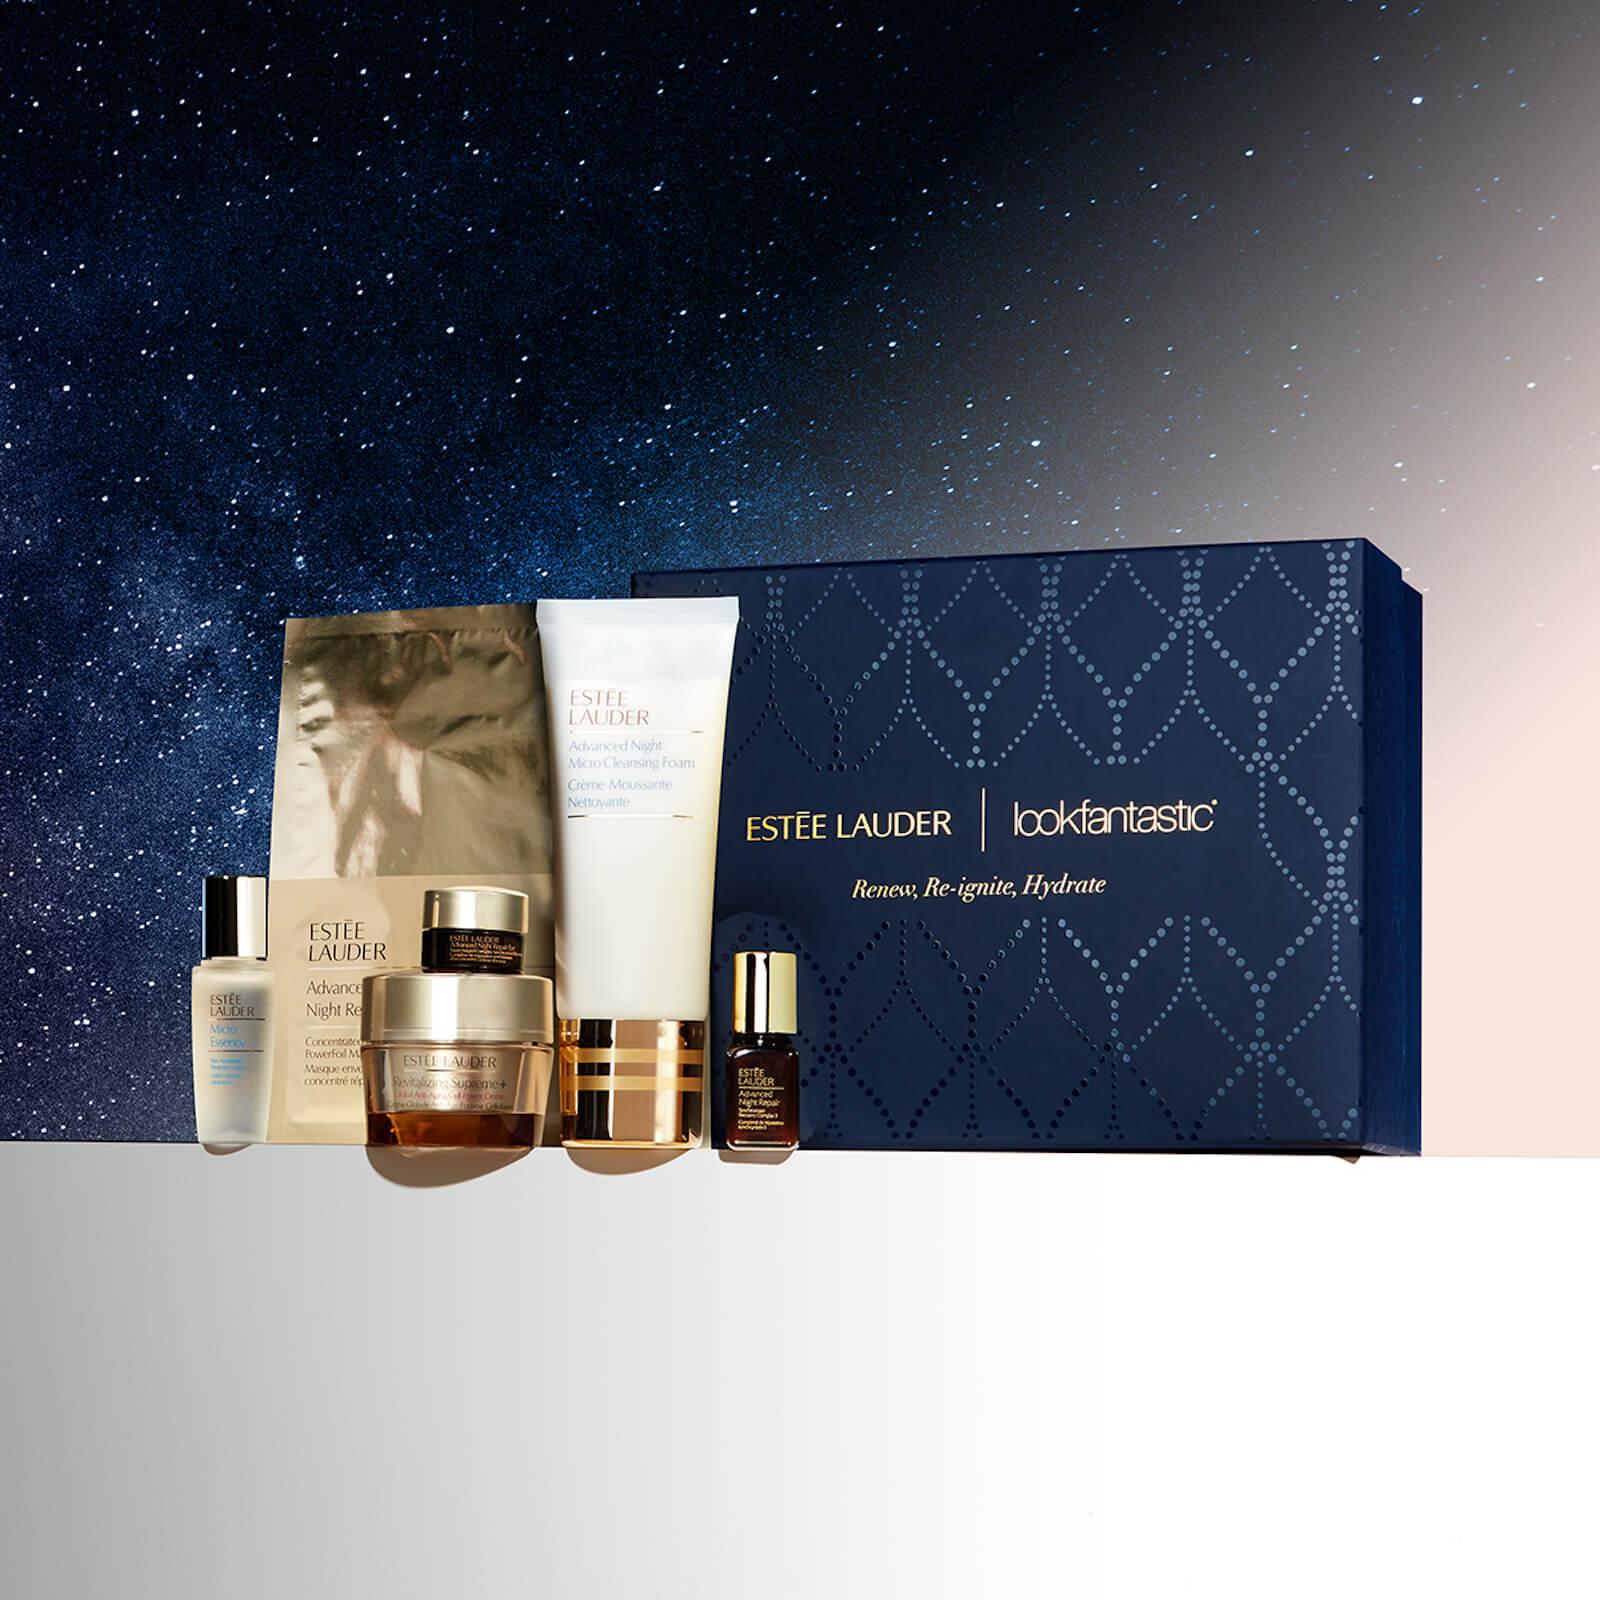 Estée Lauder Limited Edition Beauty Box £49, includes Revitalizing Supreme Crème 30ml, Advanced Night Cleanser 100ml etc @ Look Fantastic